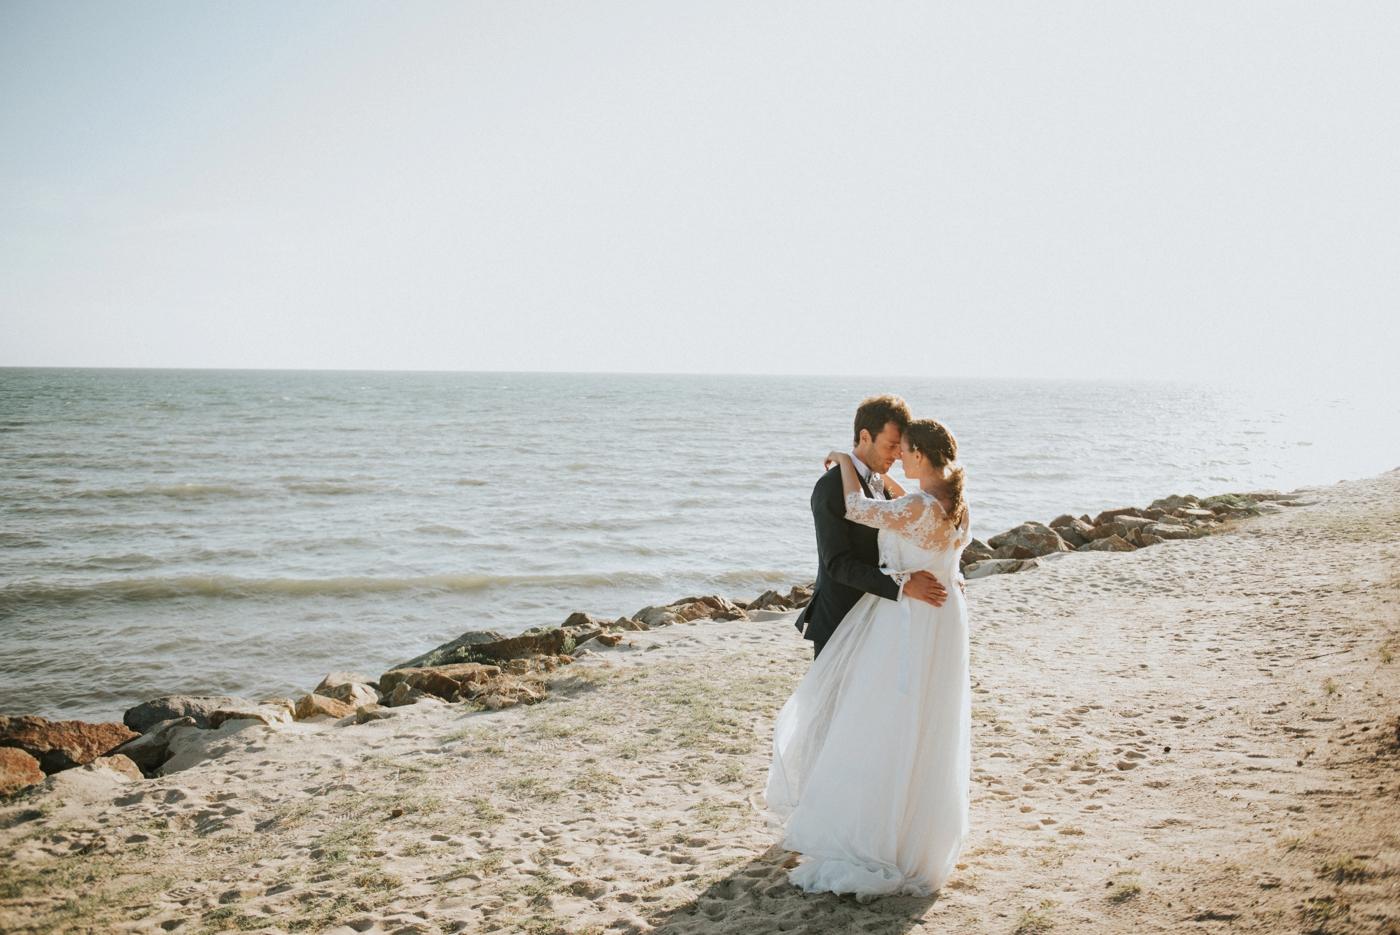 photographe-mariage-ile-noirmoutier-vendee-nantes-ceremonie-laique-ocean-naturel_0136